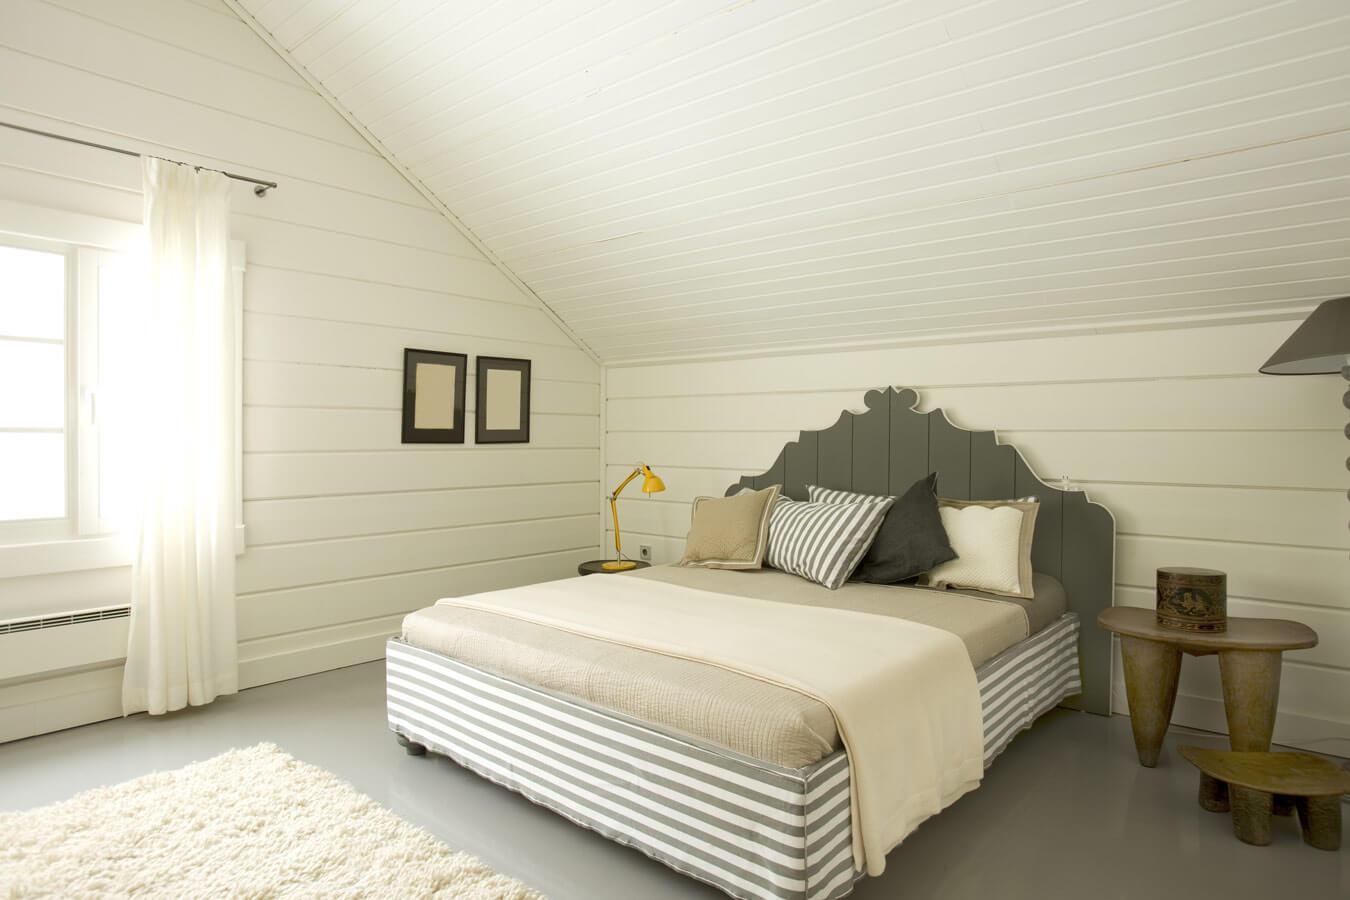 Landelijke slaapkamer idee n ik woon fijn - Slaapkamer met zichtbare balken ...